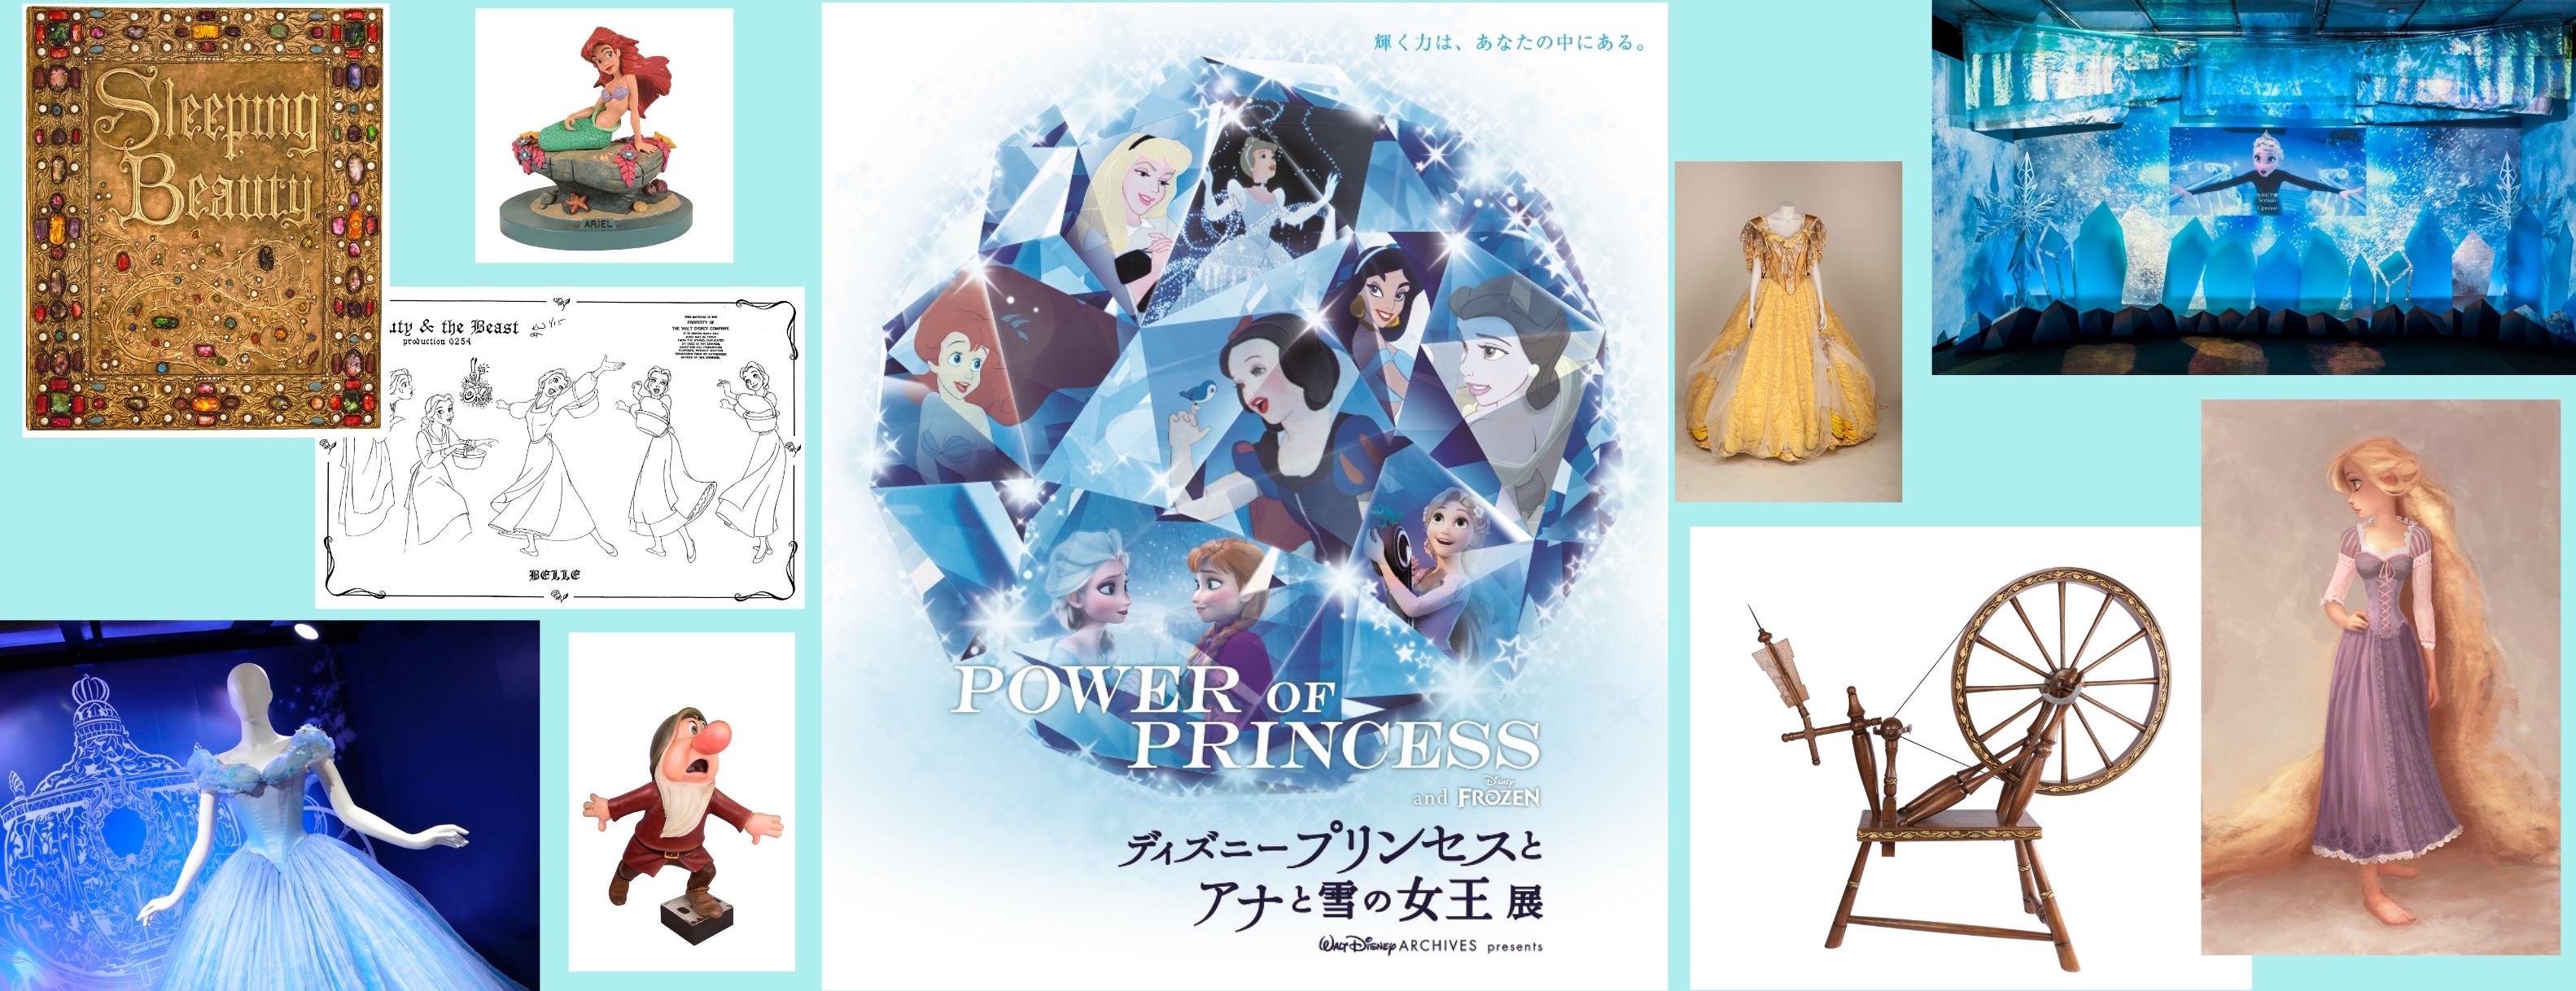 あなたはどのプリンセスが好き?『POWER OF PRINCESS ディズニープリンセスとアナと雪の